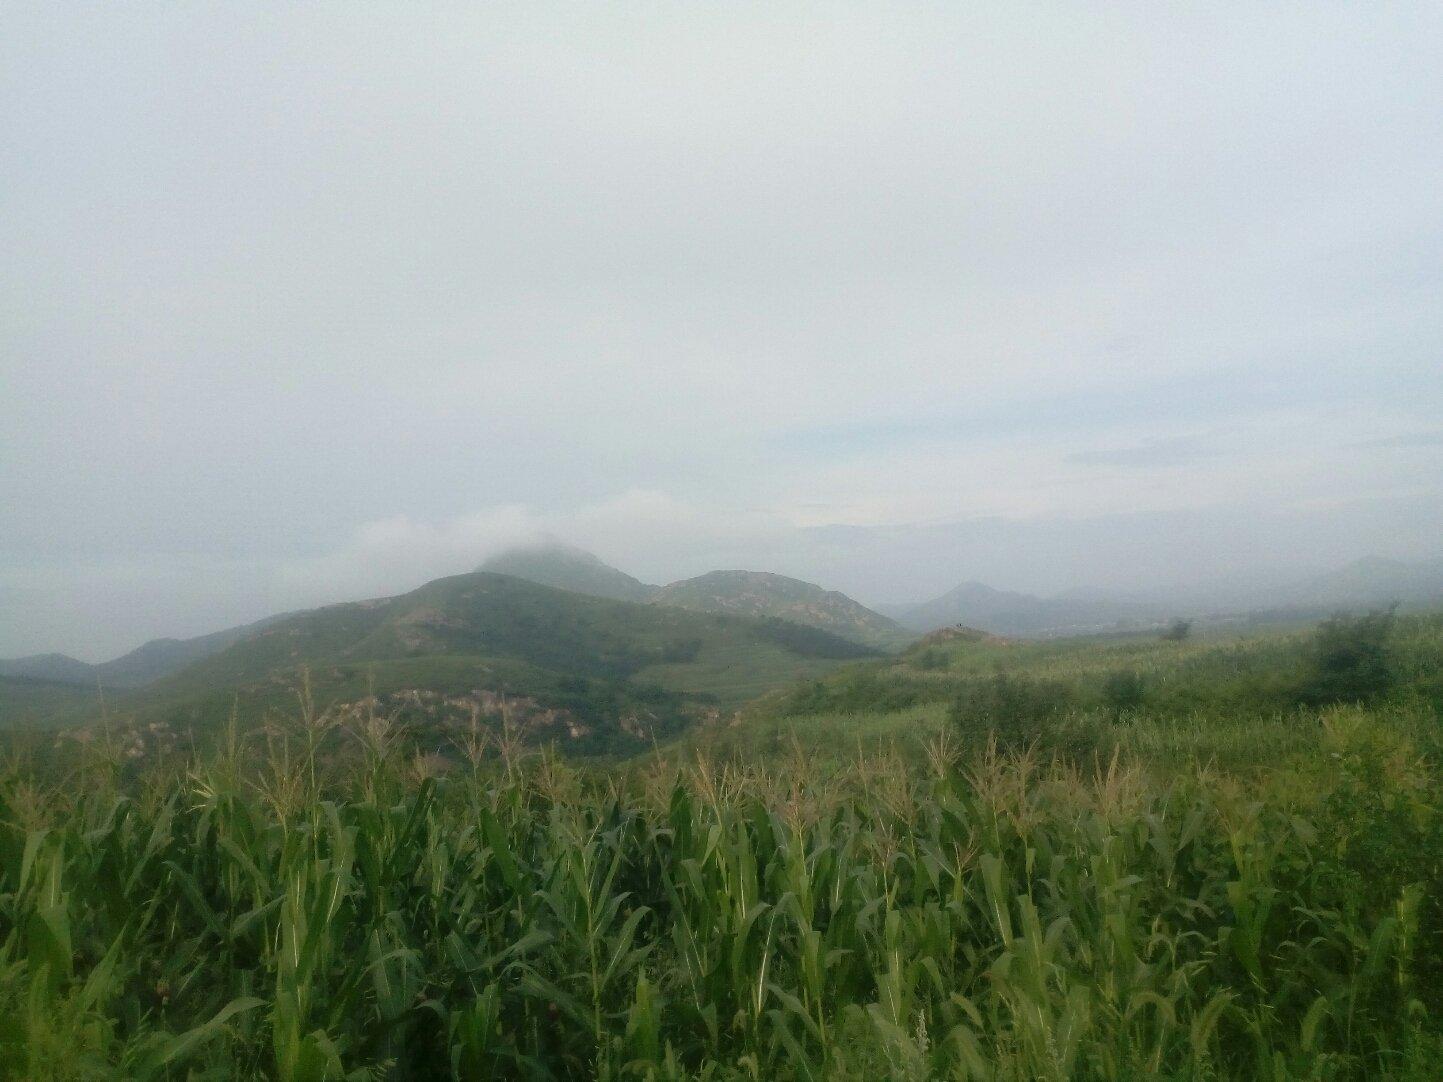 辽宁省葫芦岛市南票区306省道靠近黄土坎动物卫生监督所天气预报